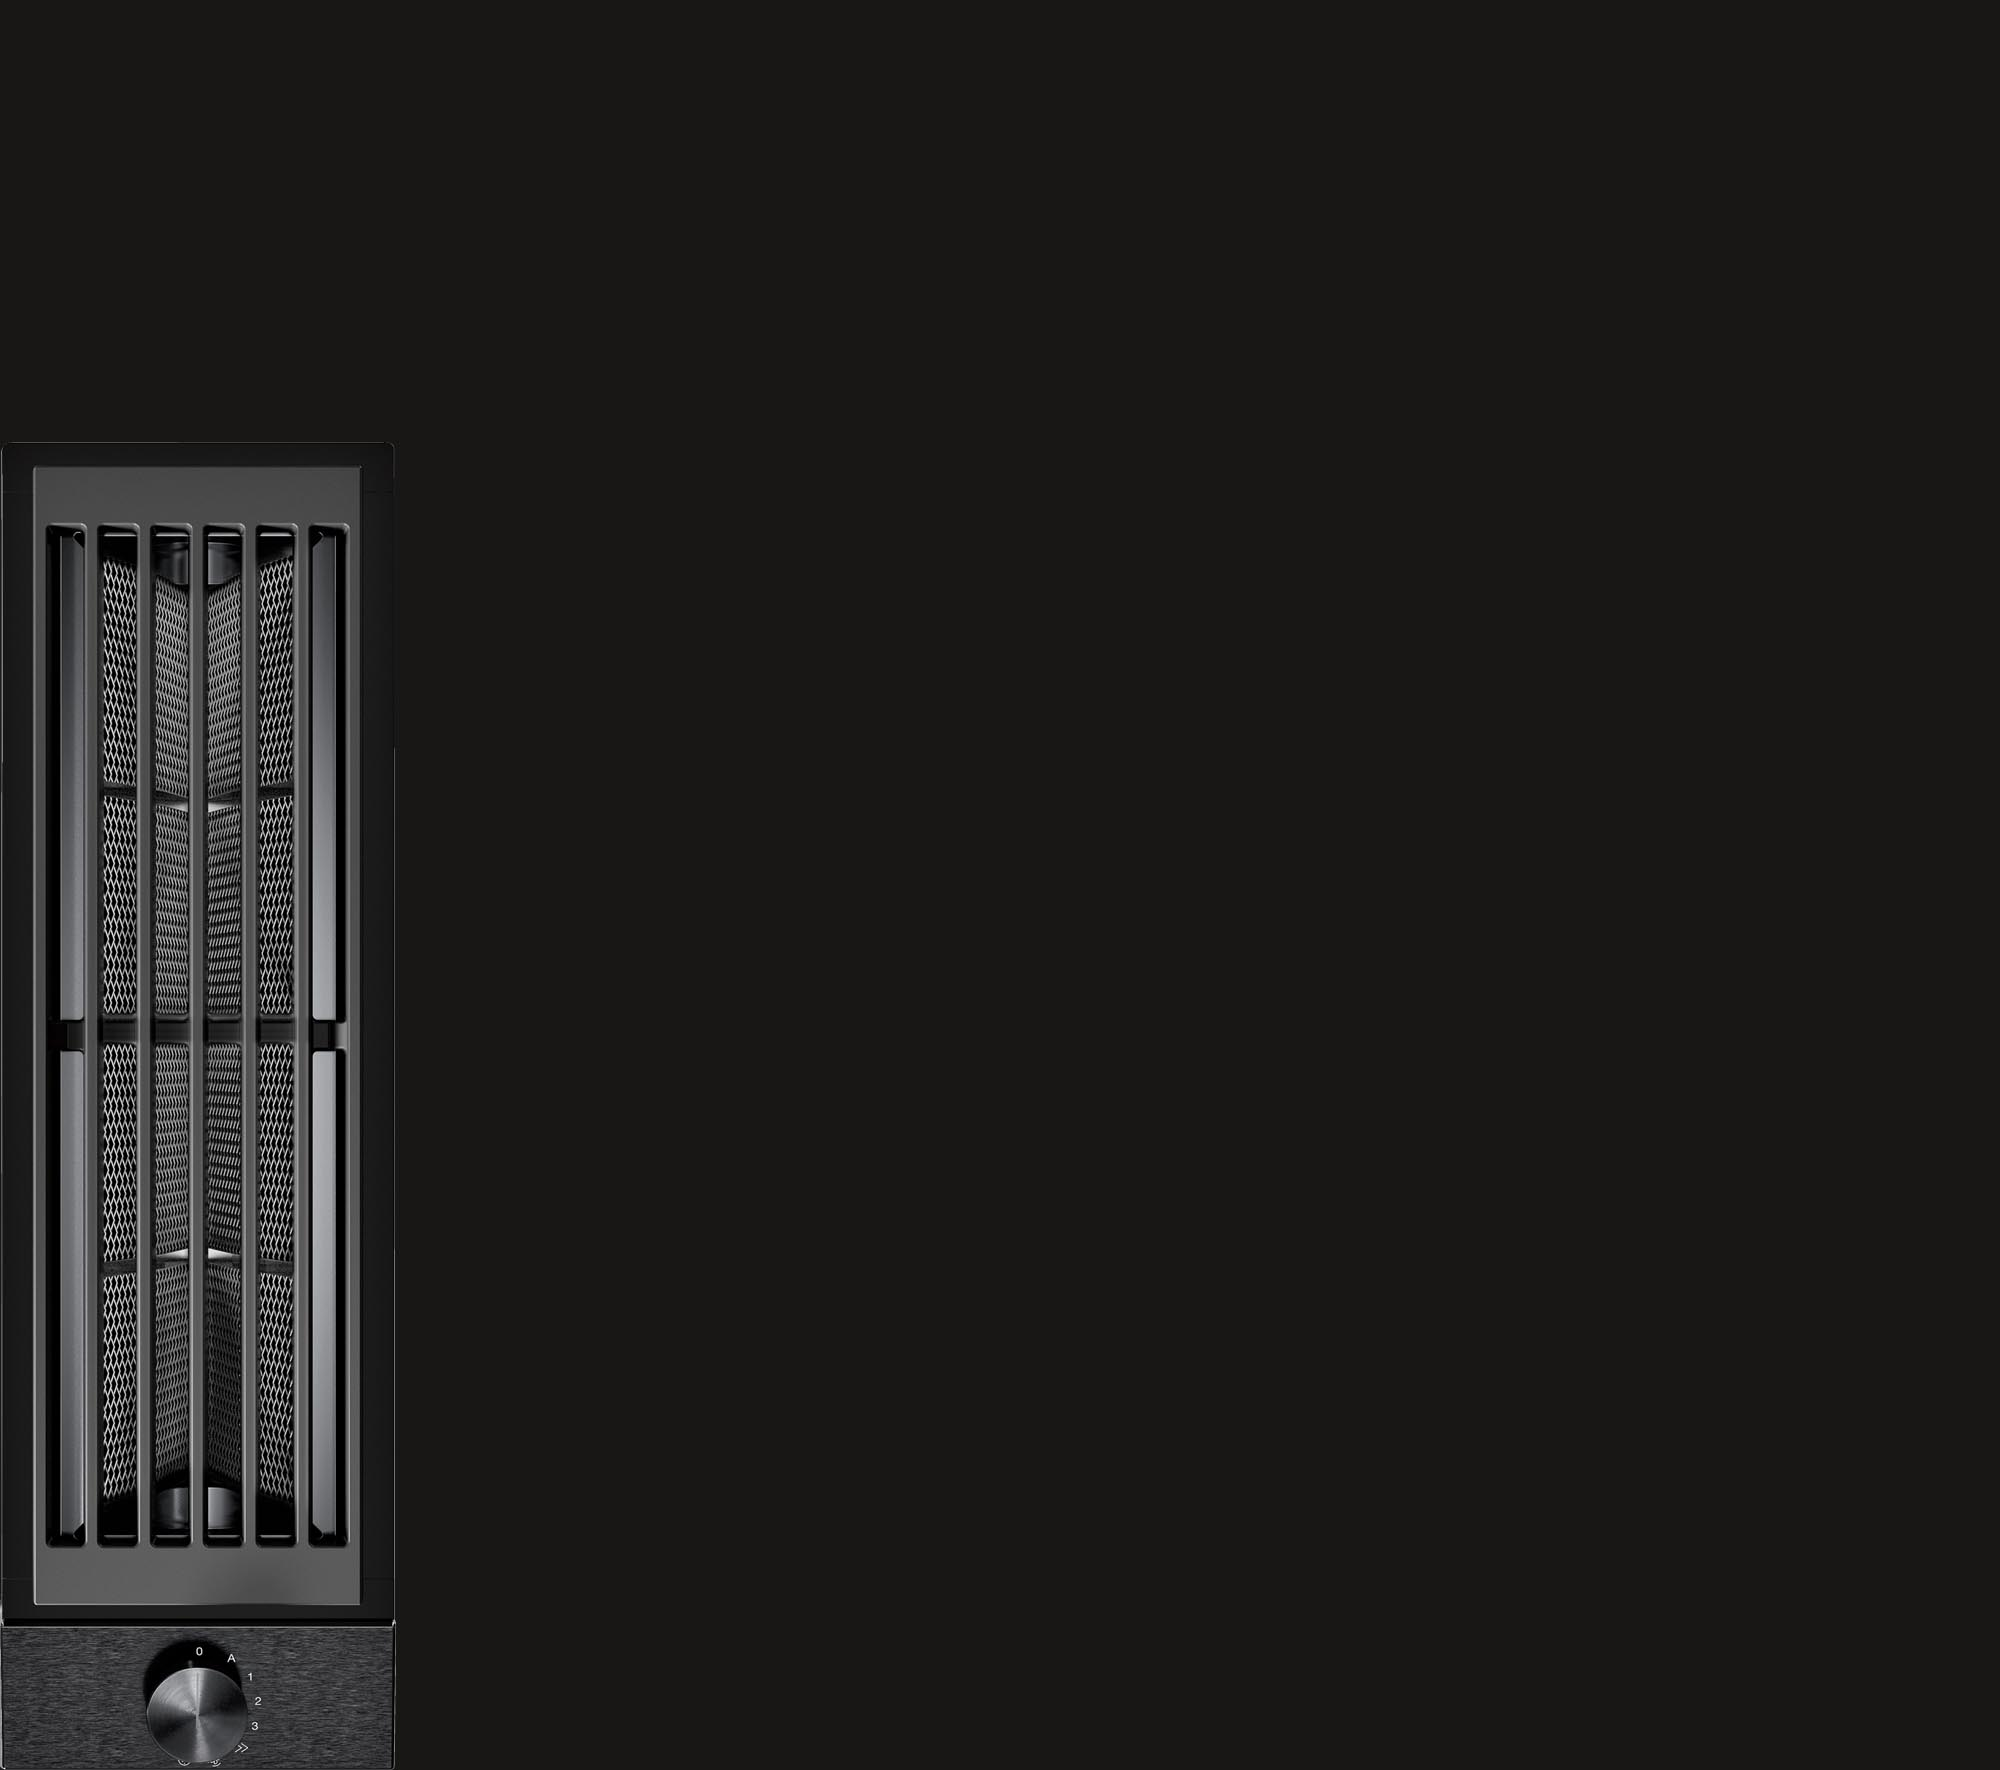 Вытяжка для встраивания в столешницу Vario VL200120 GAGGENAU